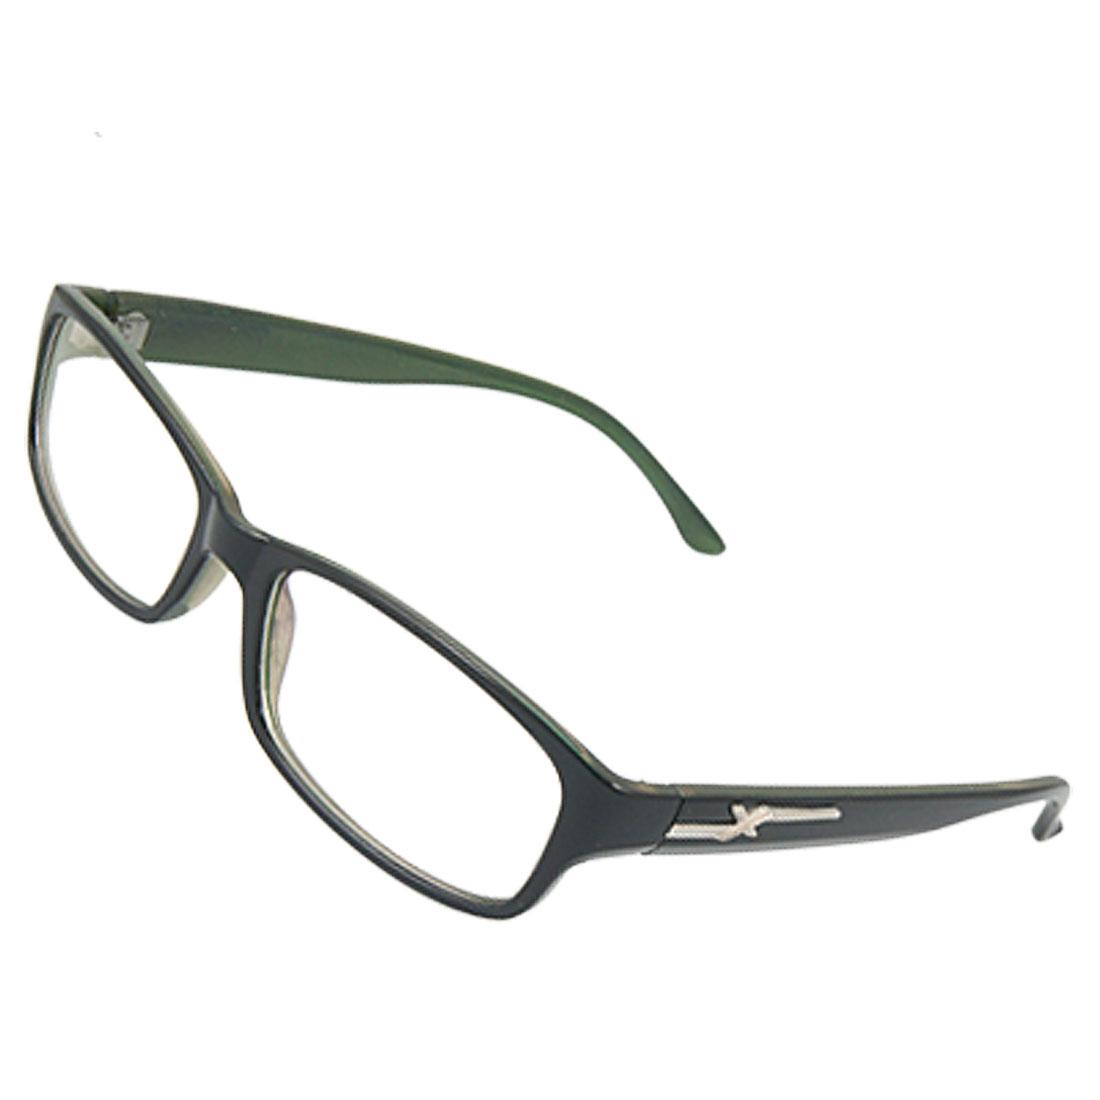 Ladies Full Frame MC Lens Black Green Plano Glasses